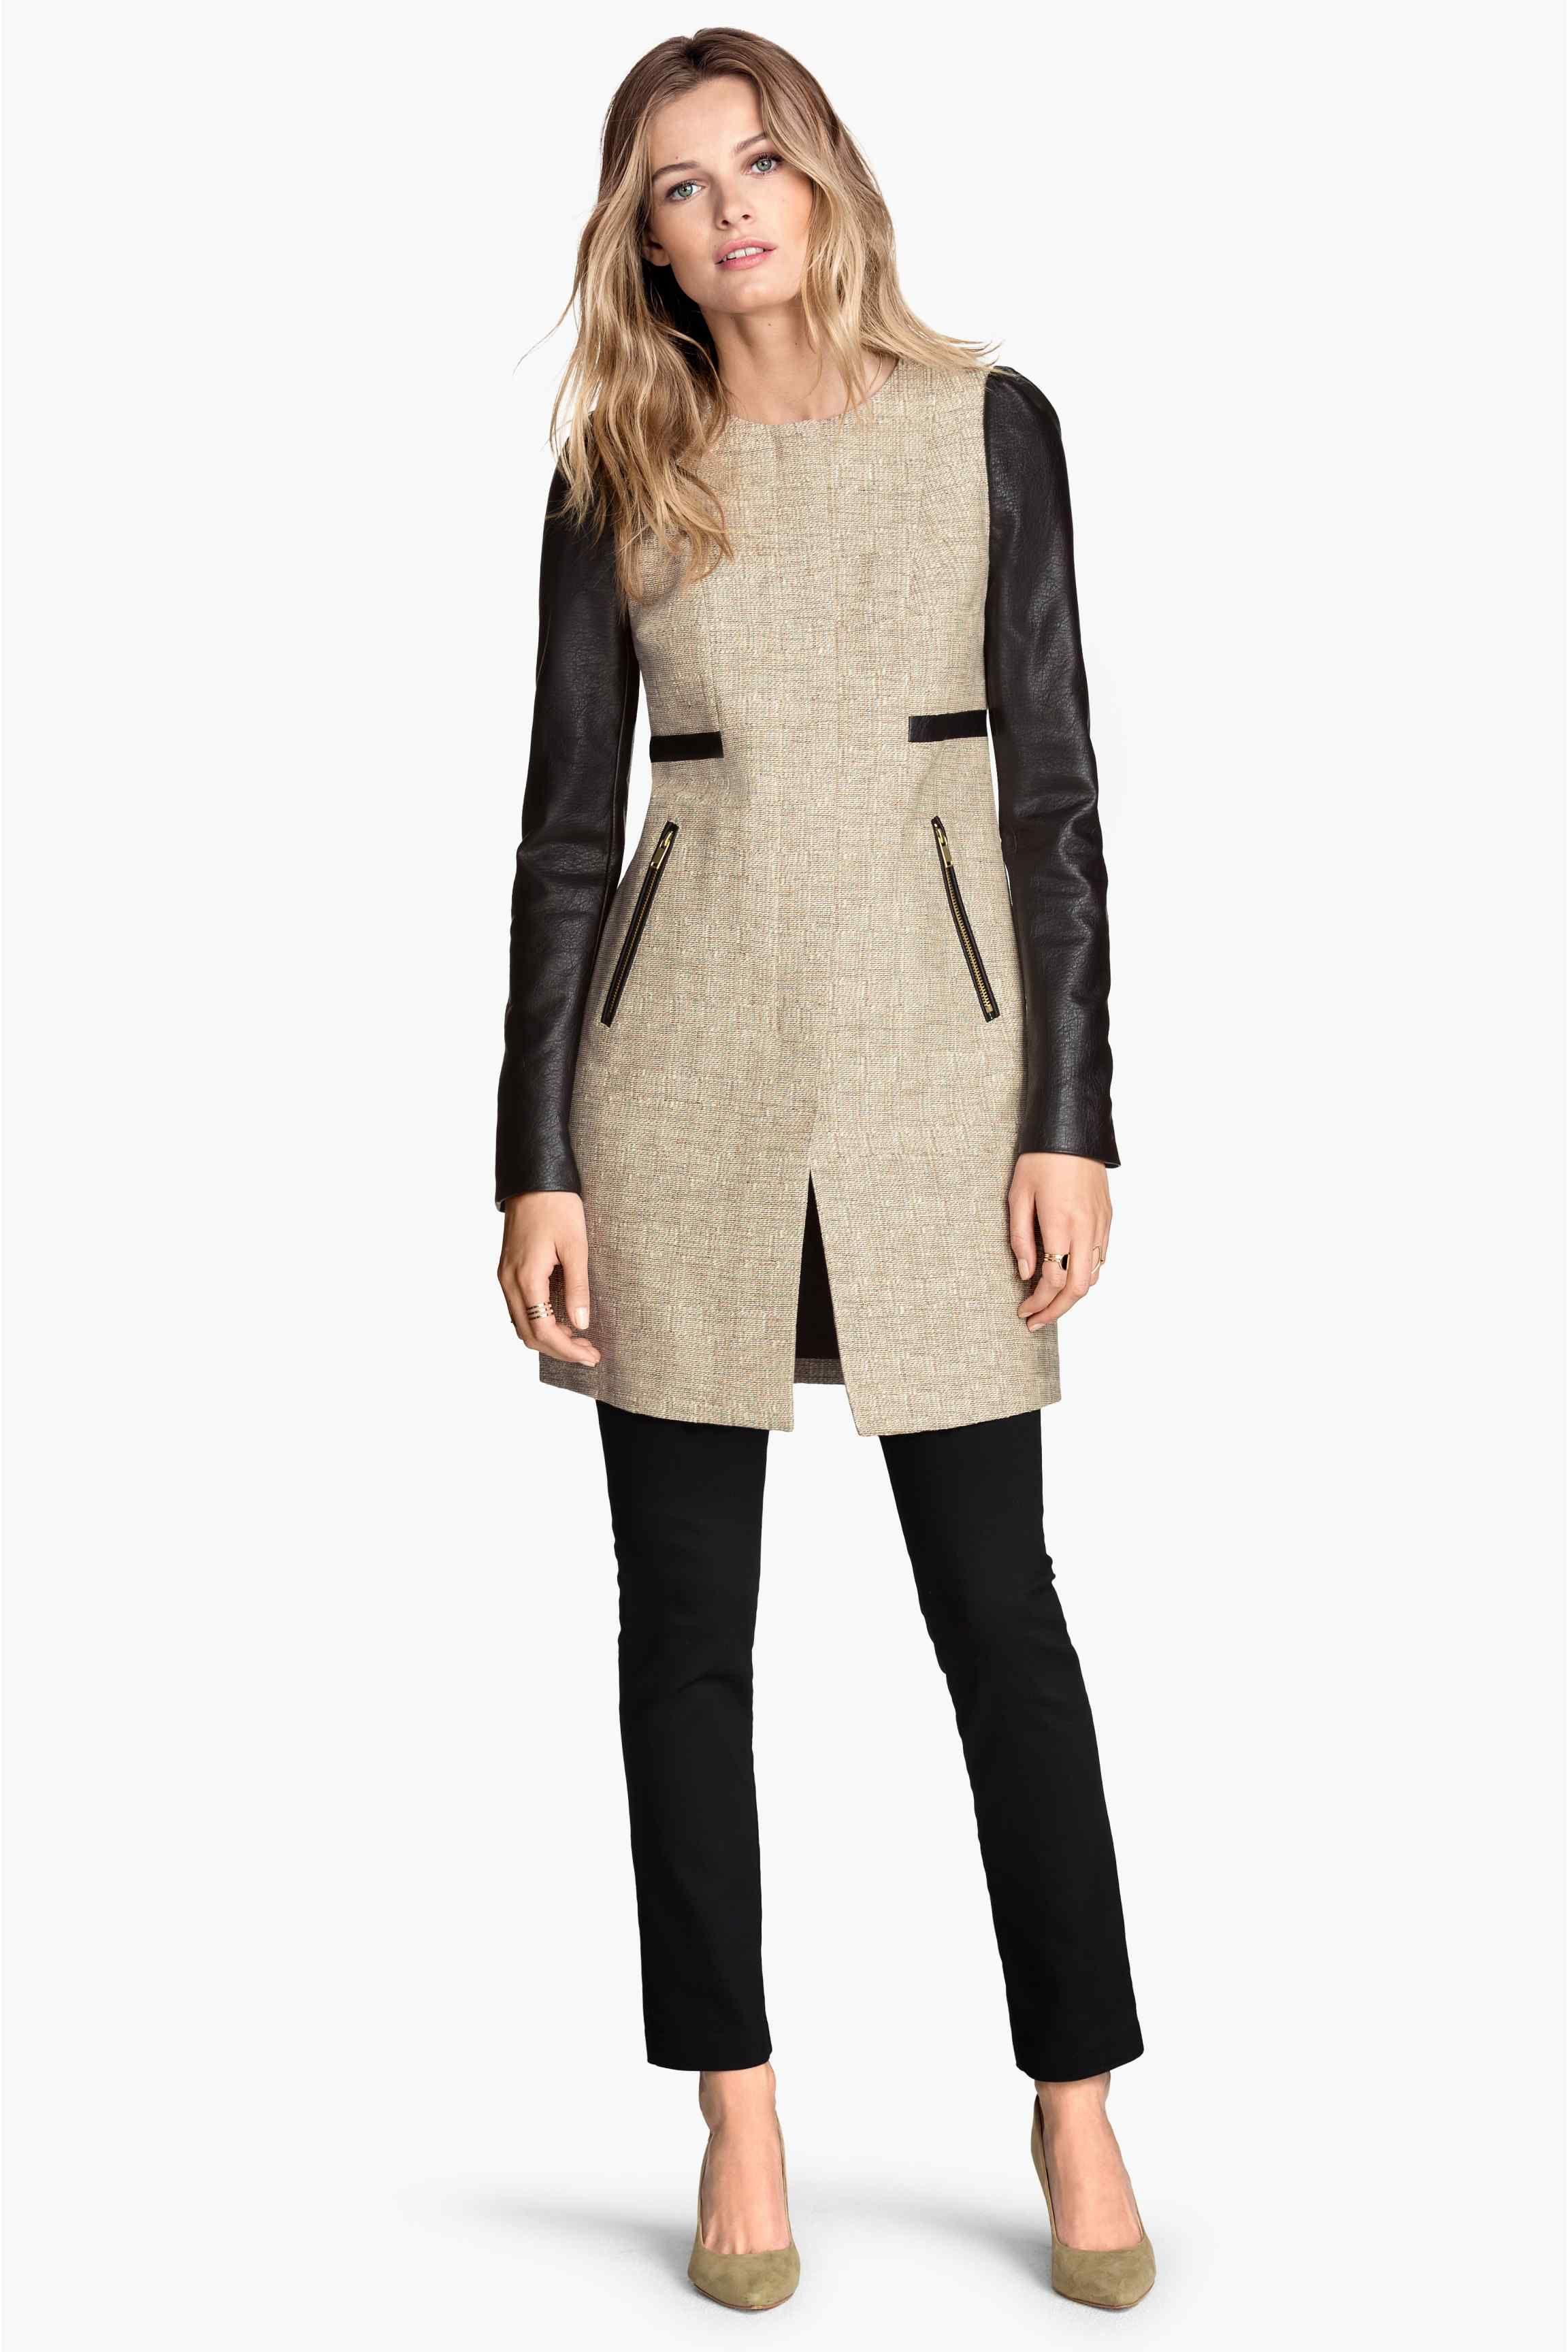 ampia scelta di colori e disegni confrontare il prezzo qualità del marchio 49.99 Cappotto in misto cotone   H&M   Fall Winter Outfit ...